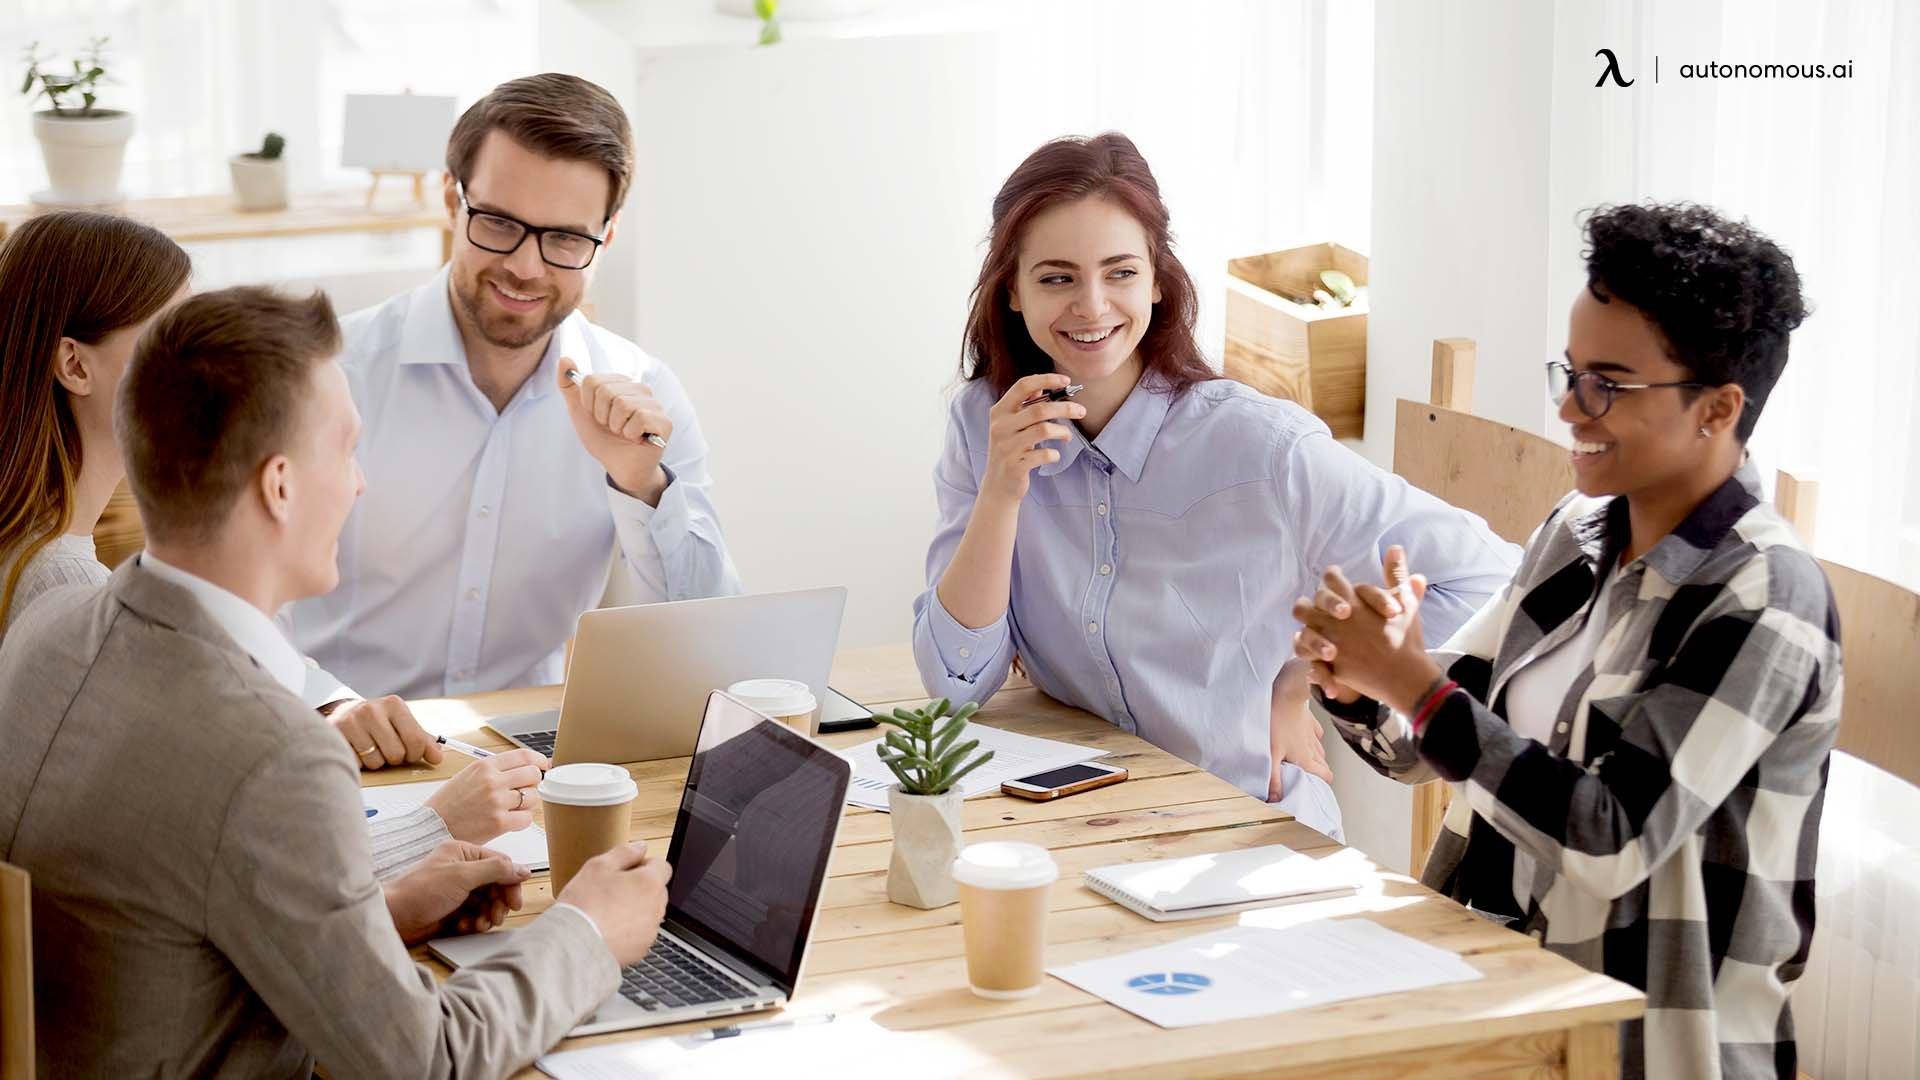 Openess between coworkers